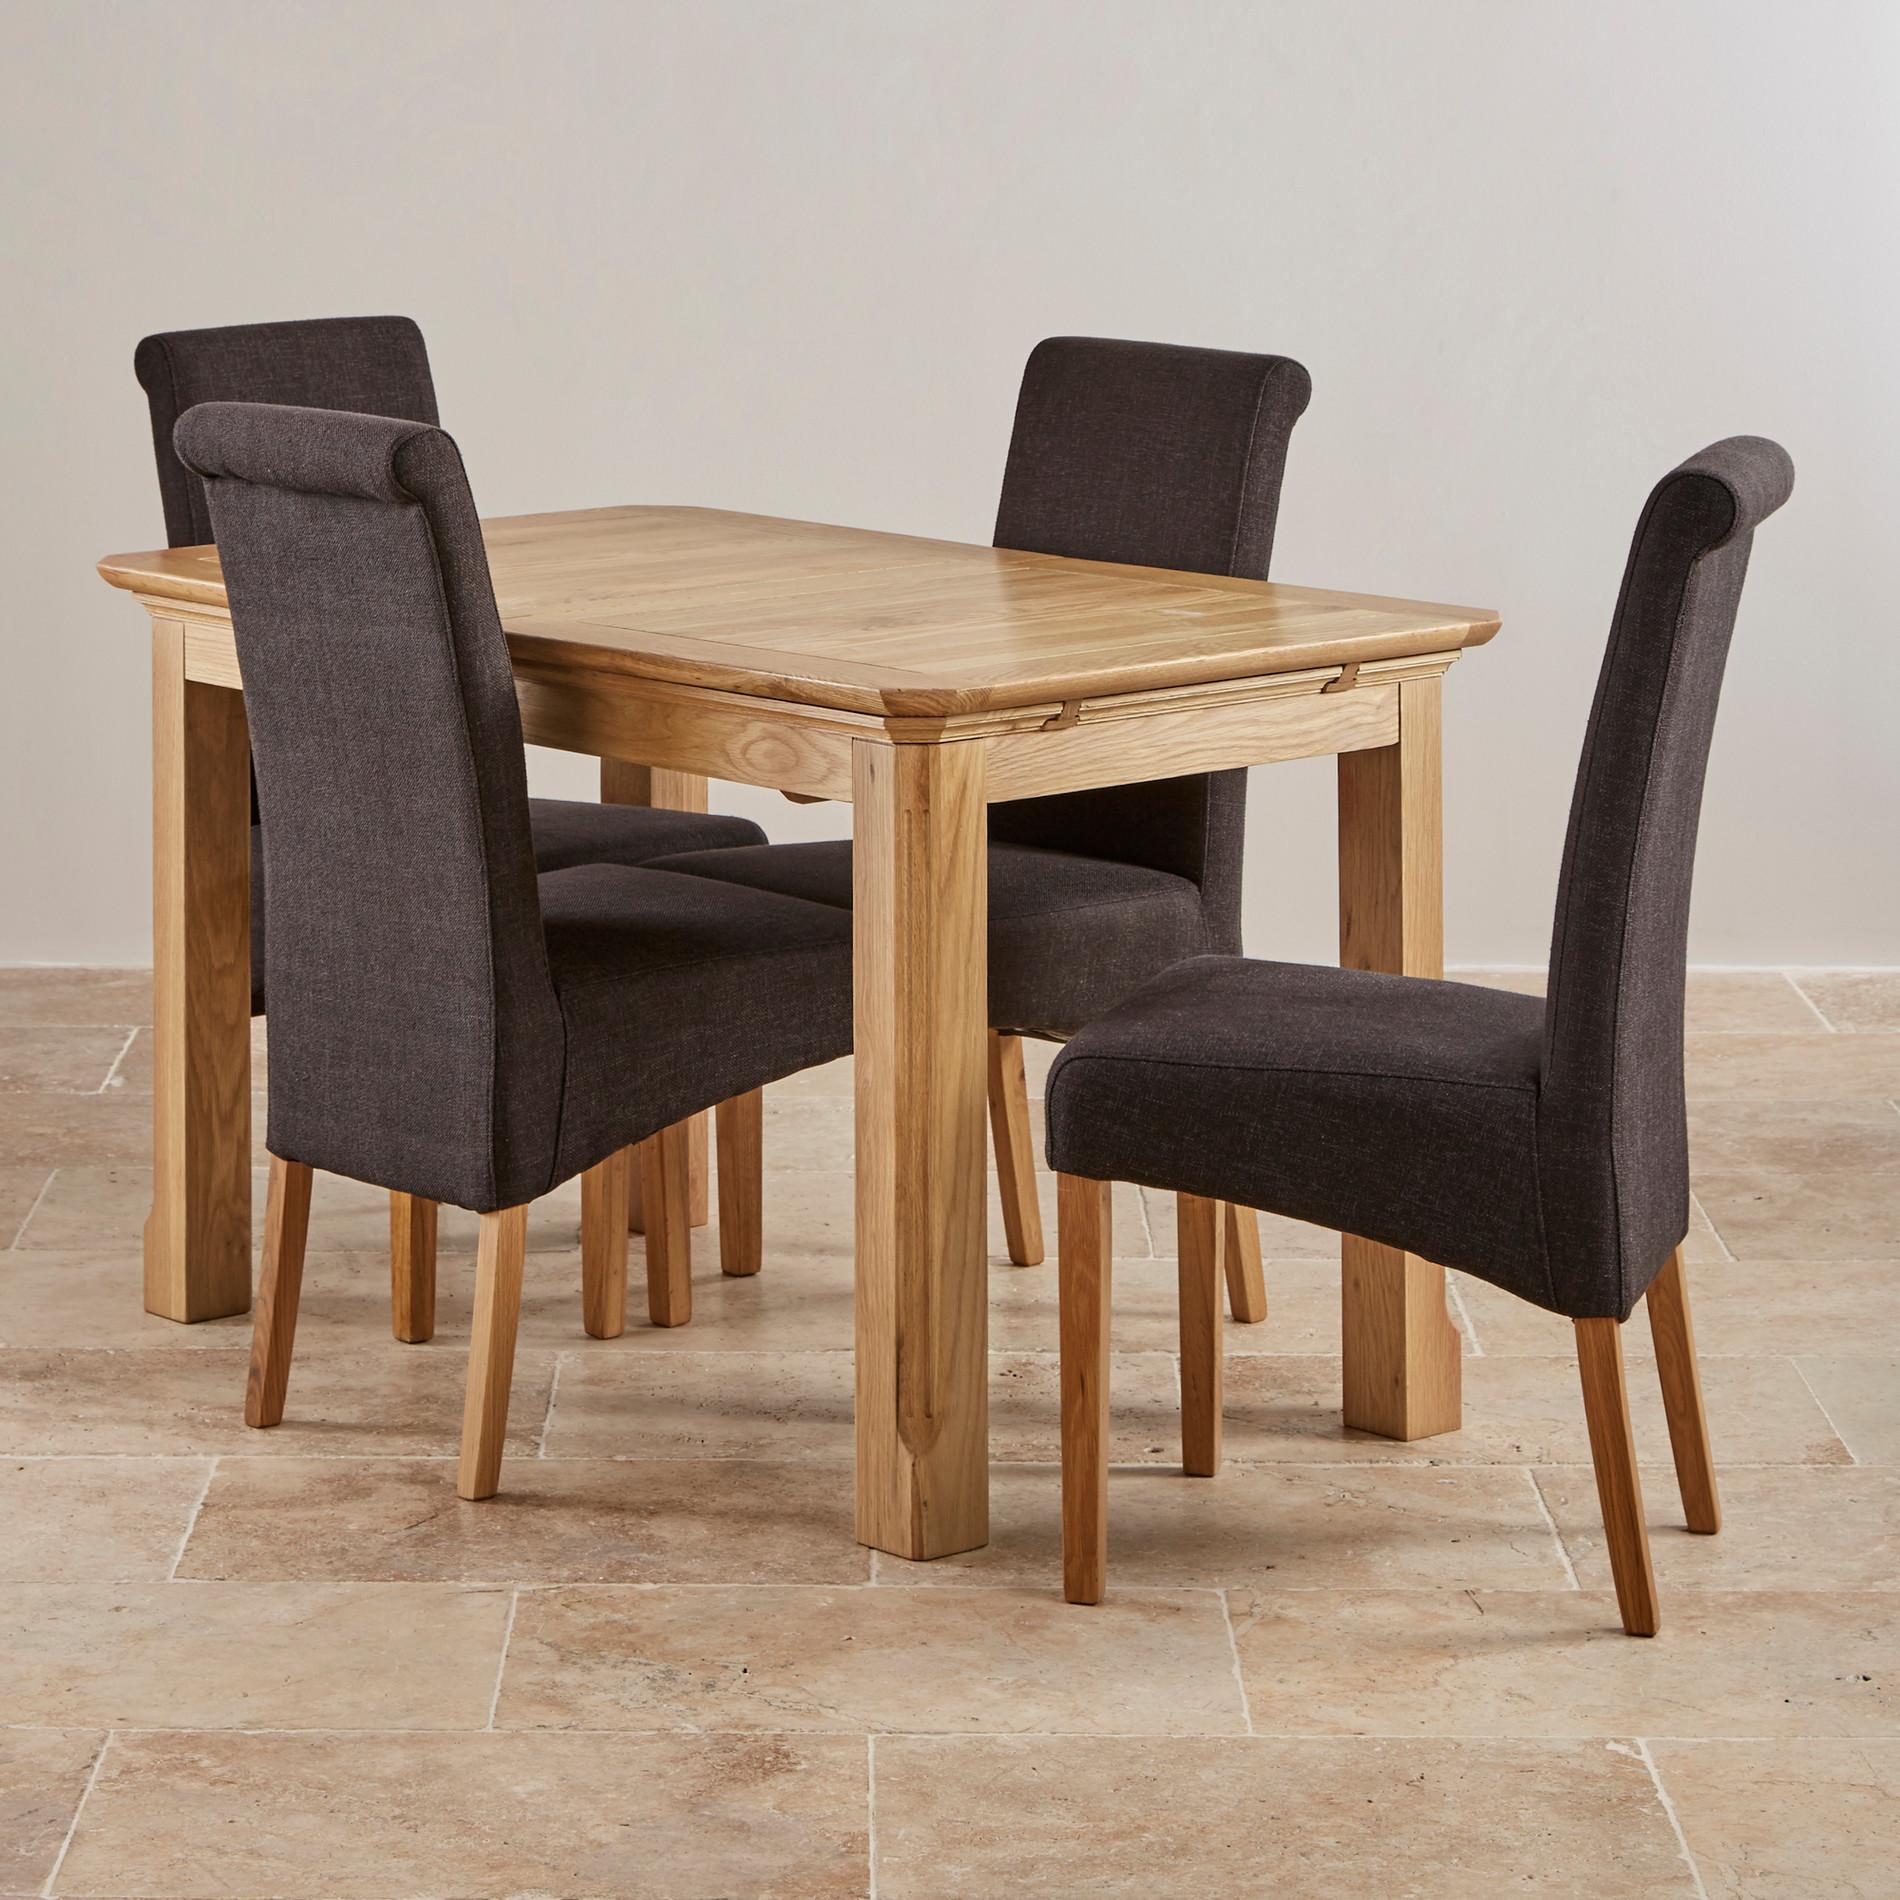 Edinburgh Natural Solid Oak Dining Set 4ft Extending